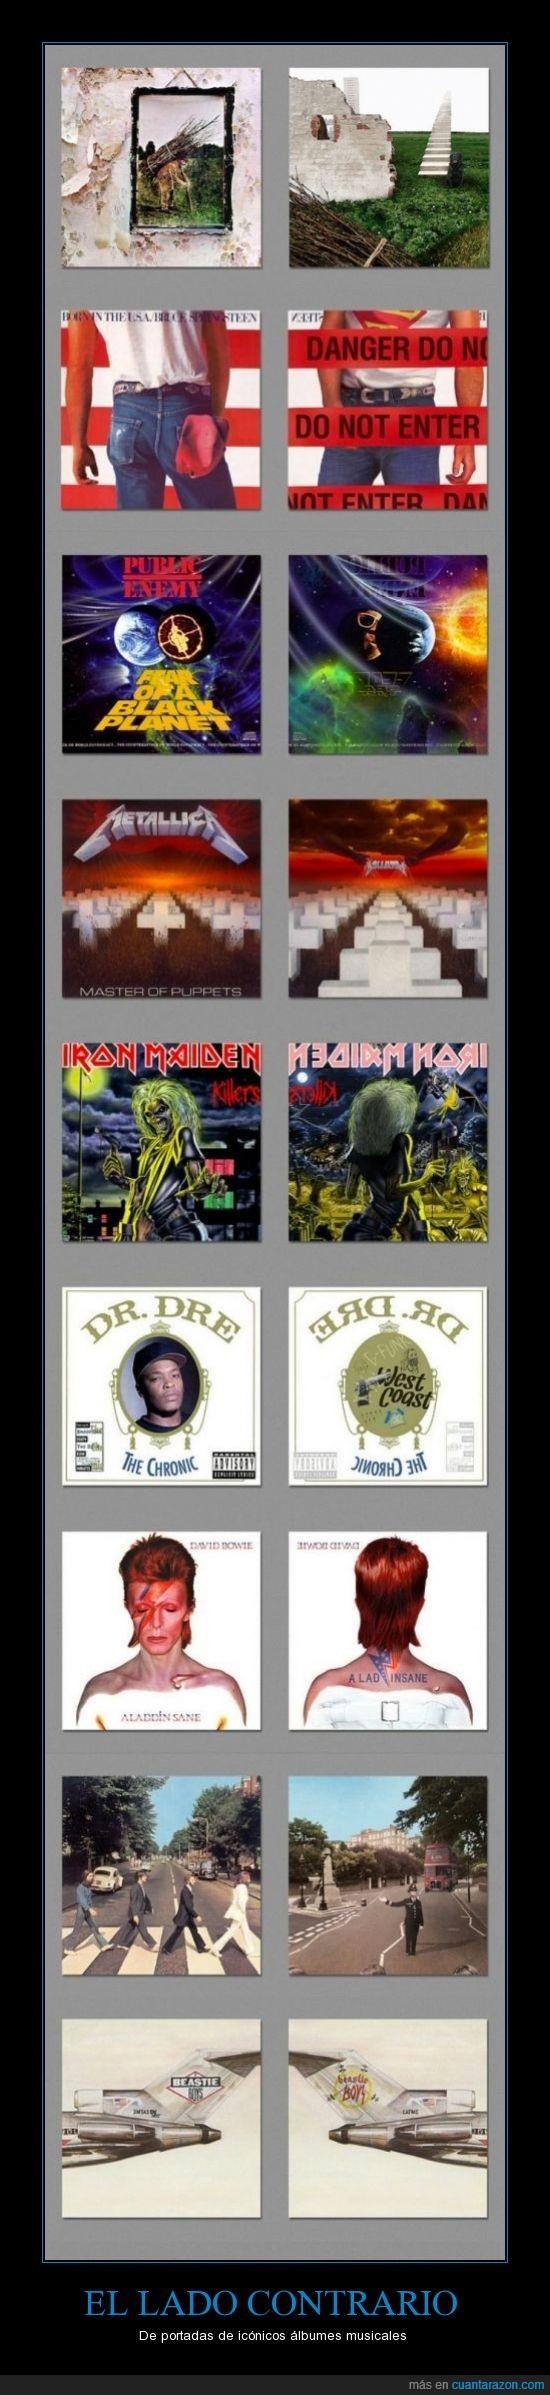 album,Beastie Boys,Bruce Springsteen,contrario,David Bowie,Dr Dre,Iron Maiden,lado,Led Zeppelin,Metallica,musica,Nirvana,Public Enemy,revés,The Beatles,The Strokes